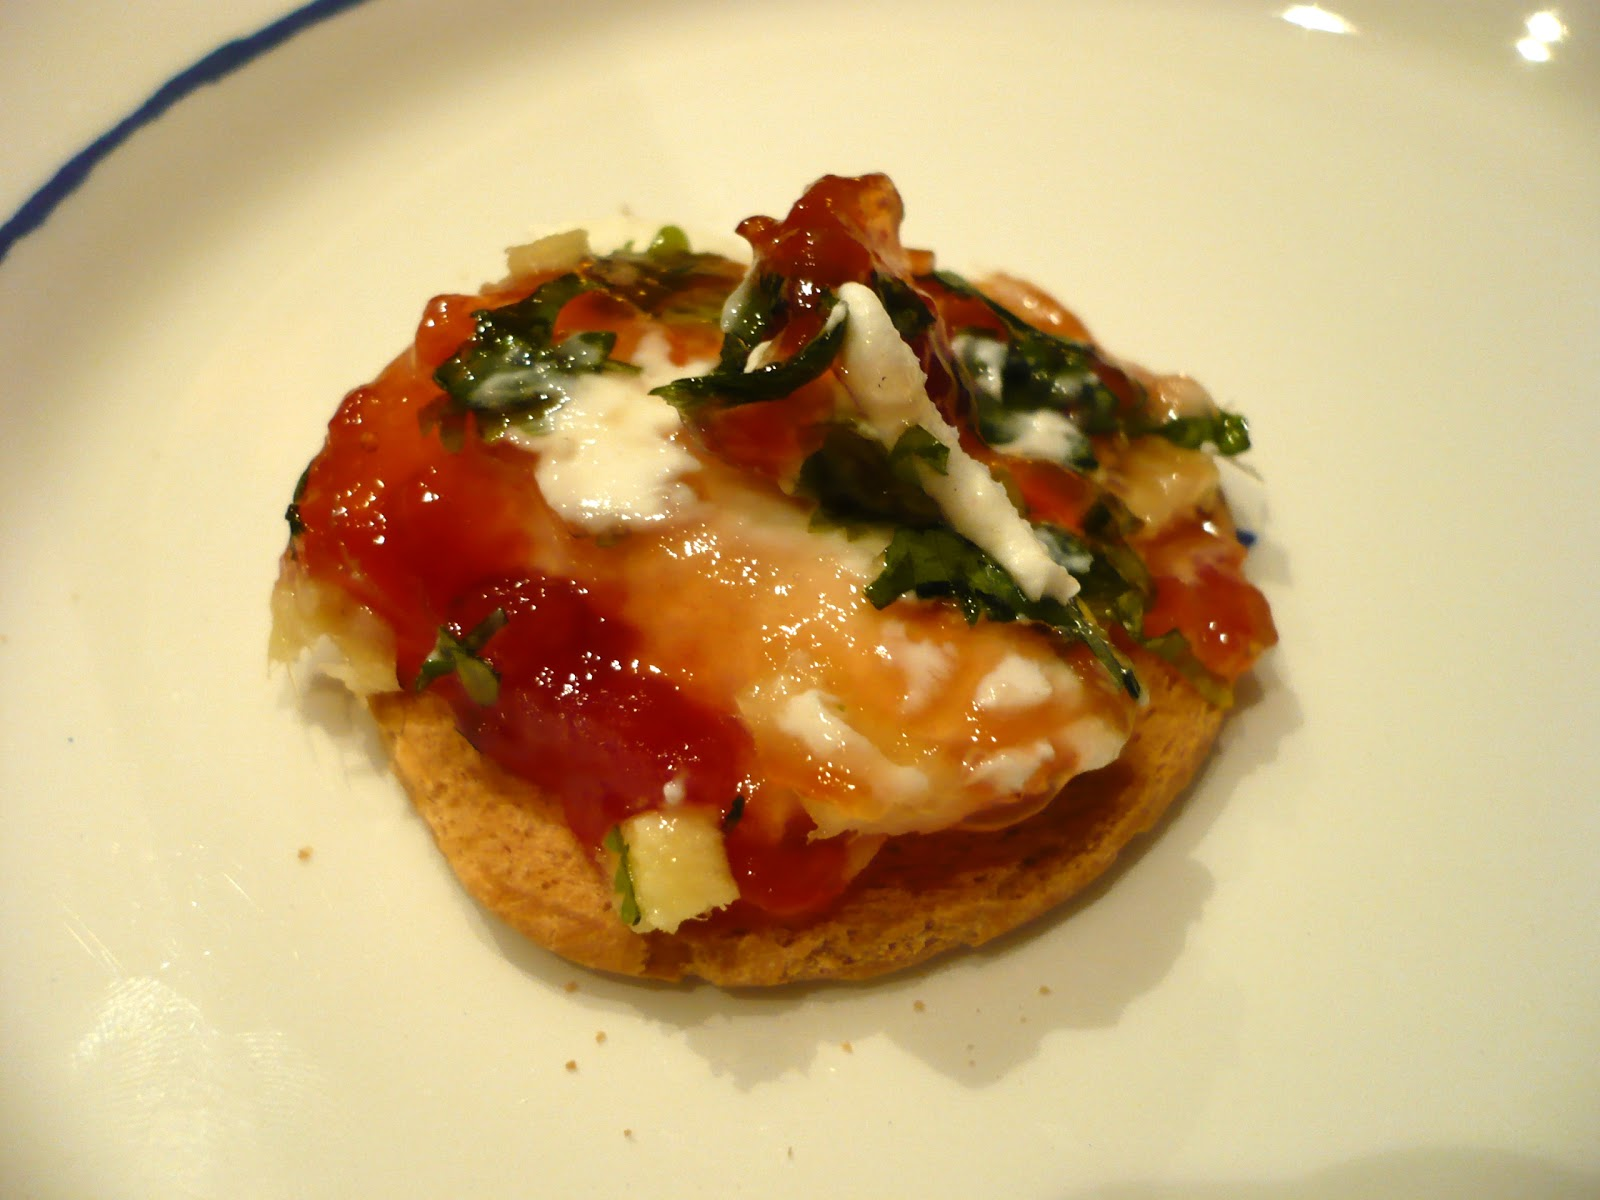 Lazy blog blogs de cocina recomendados y ranking - Lazy blog cocina ...